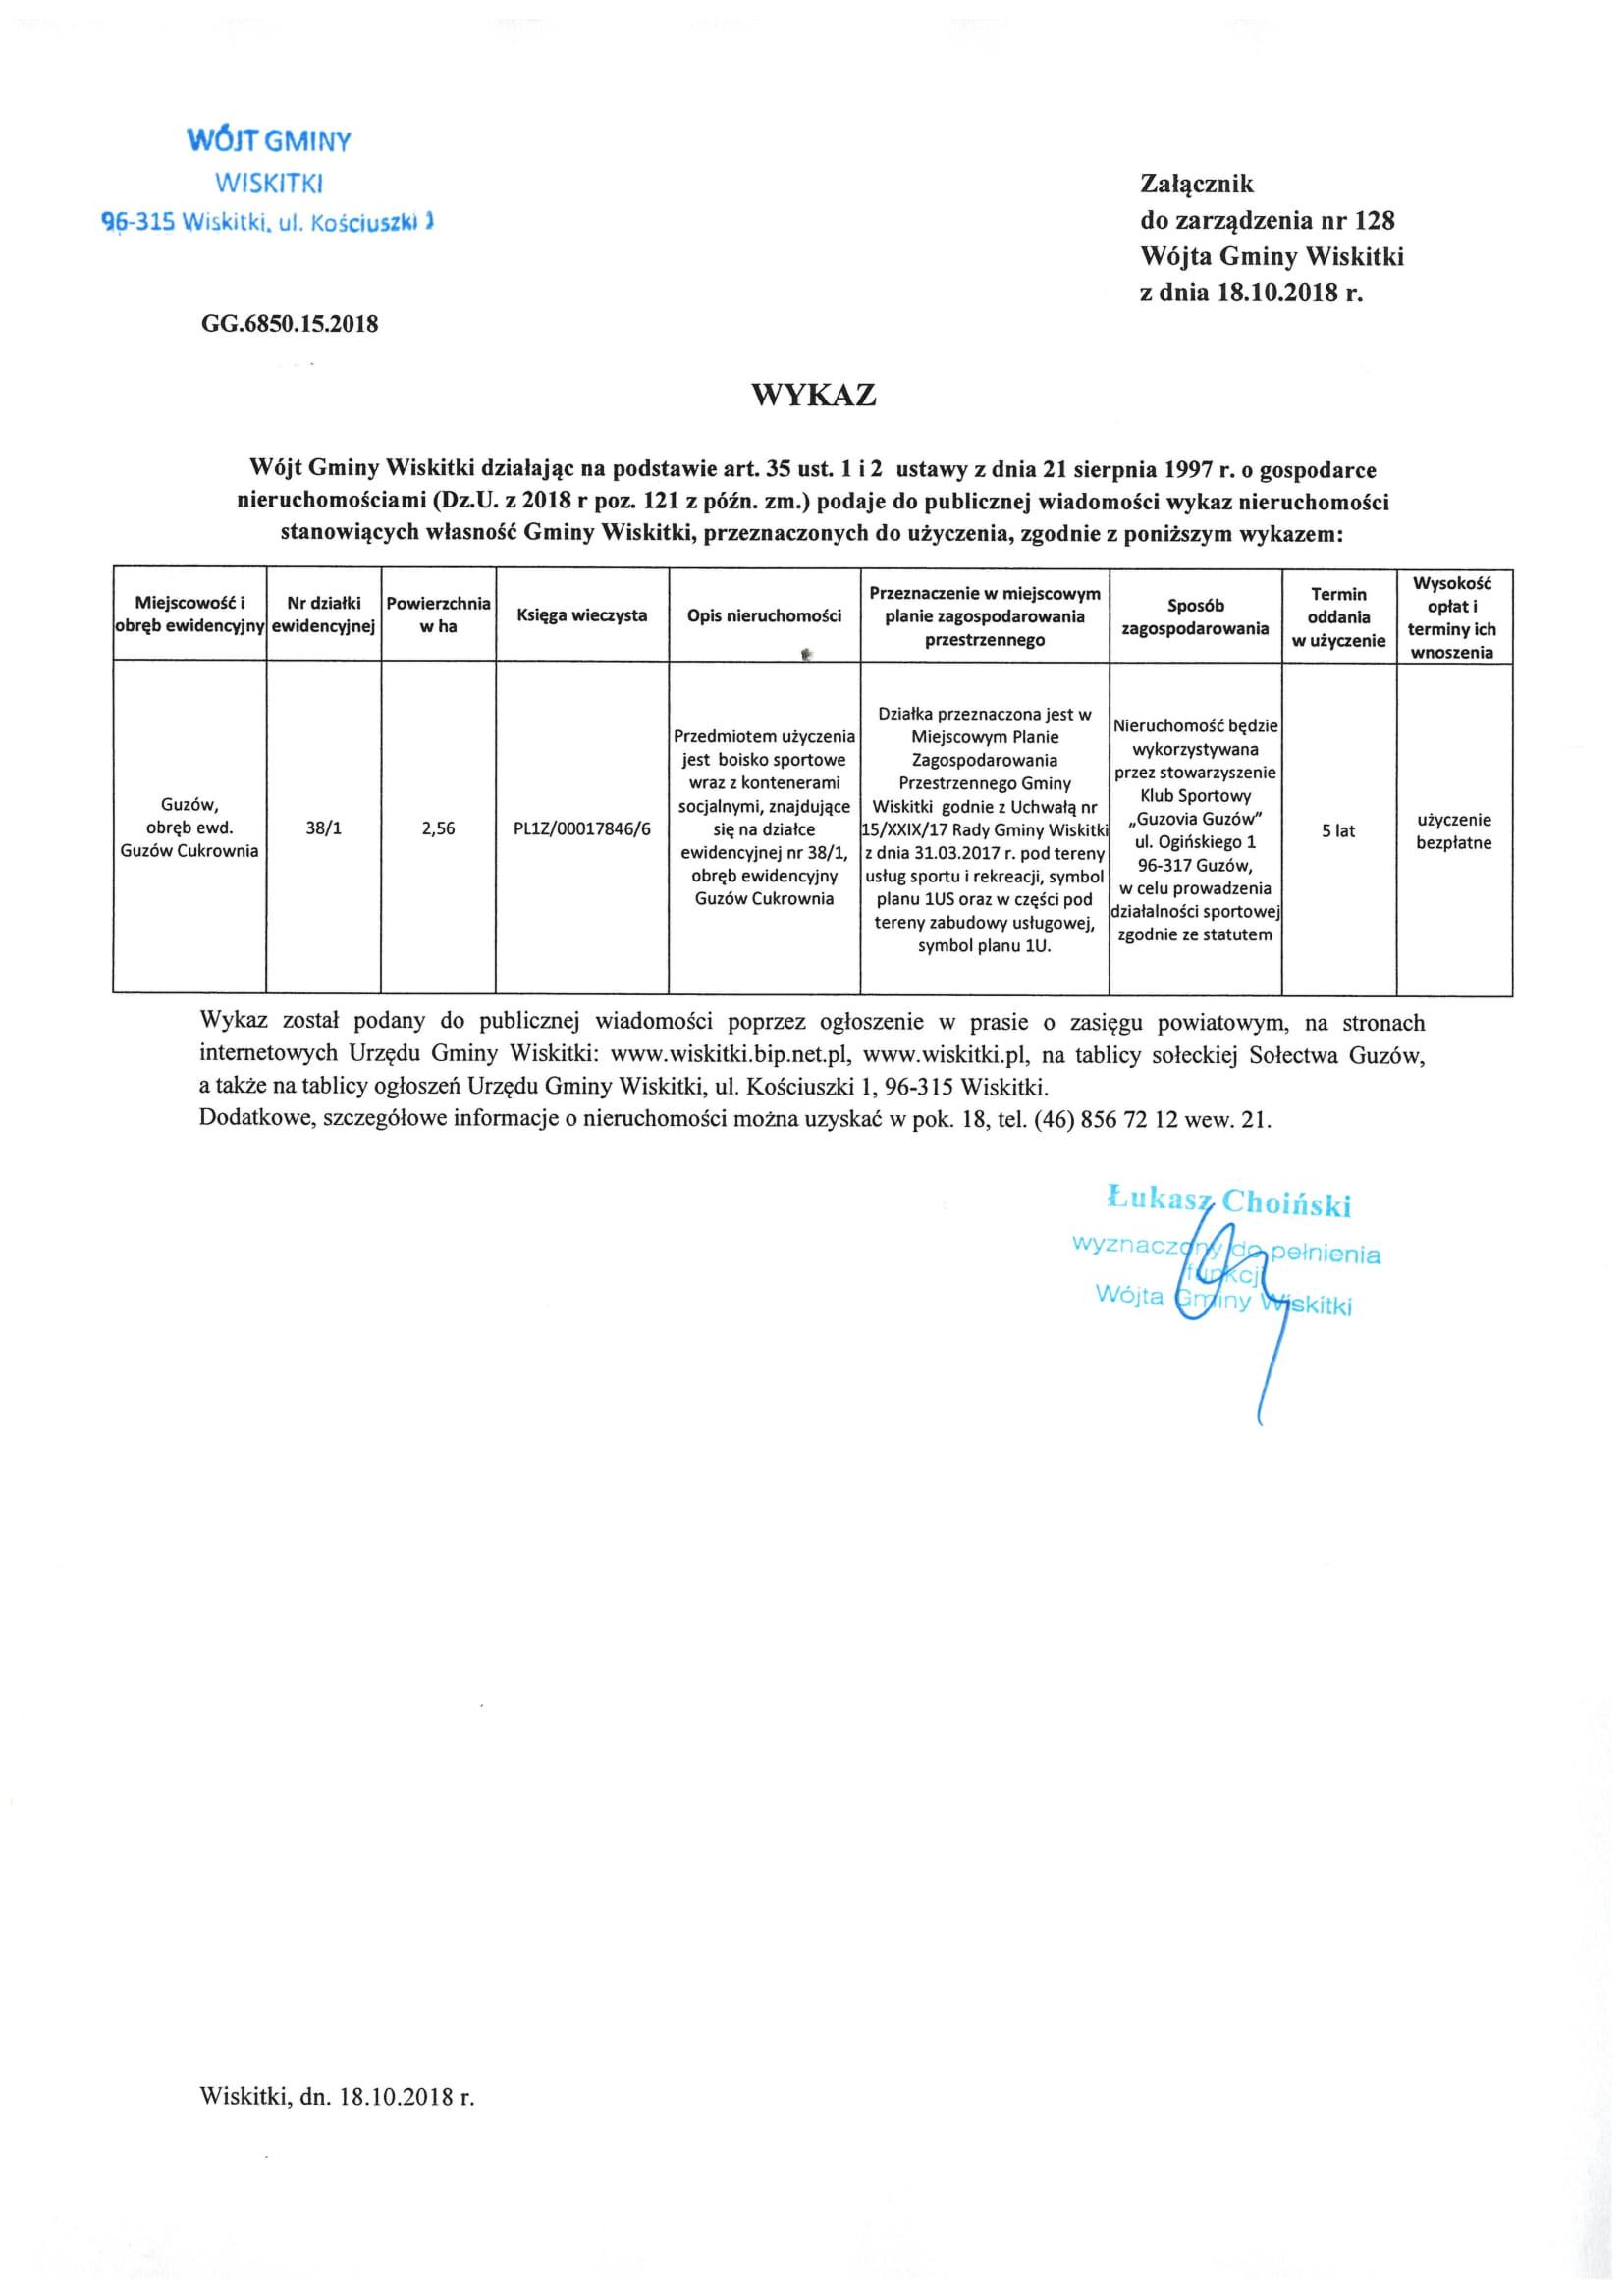 wykaz nieruchomości do użyczenia dz. 38_1 Guzów Cukrownia-1